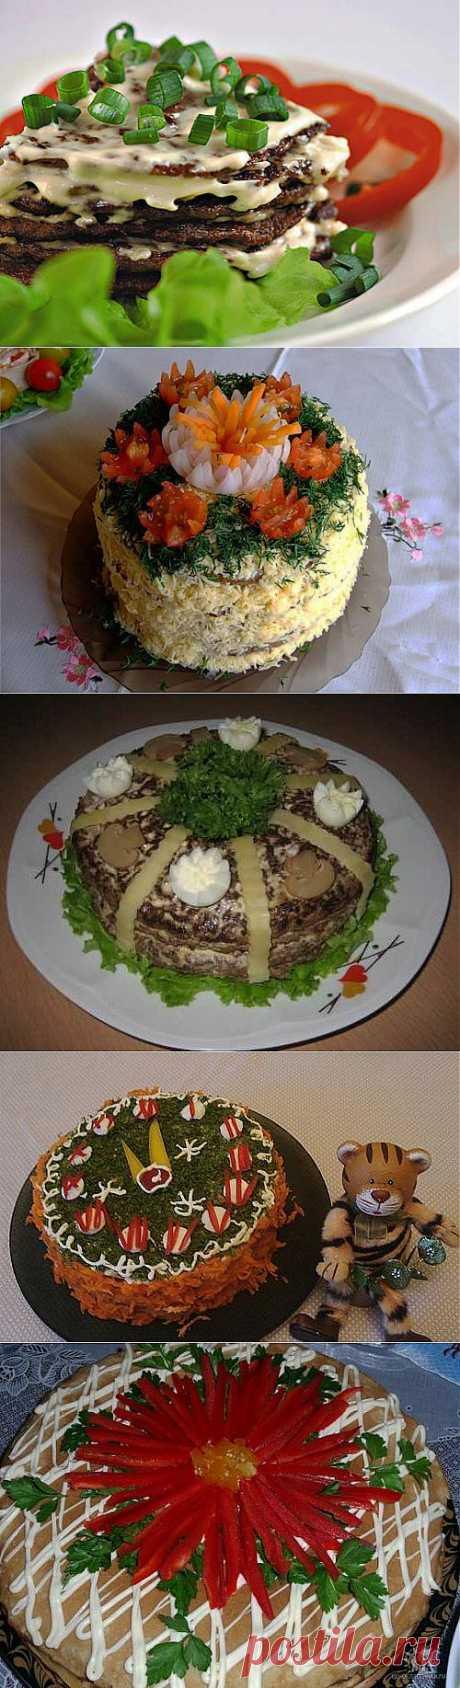 Печеночные торты: лучшие рецепты и идеи оформления / Простые рецепты